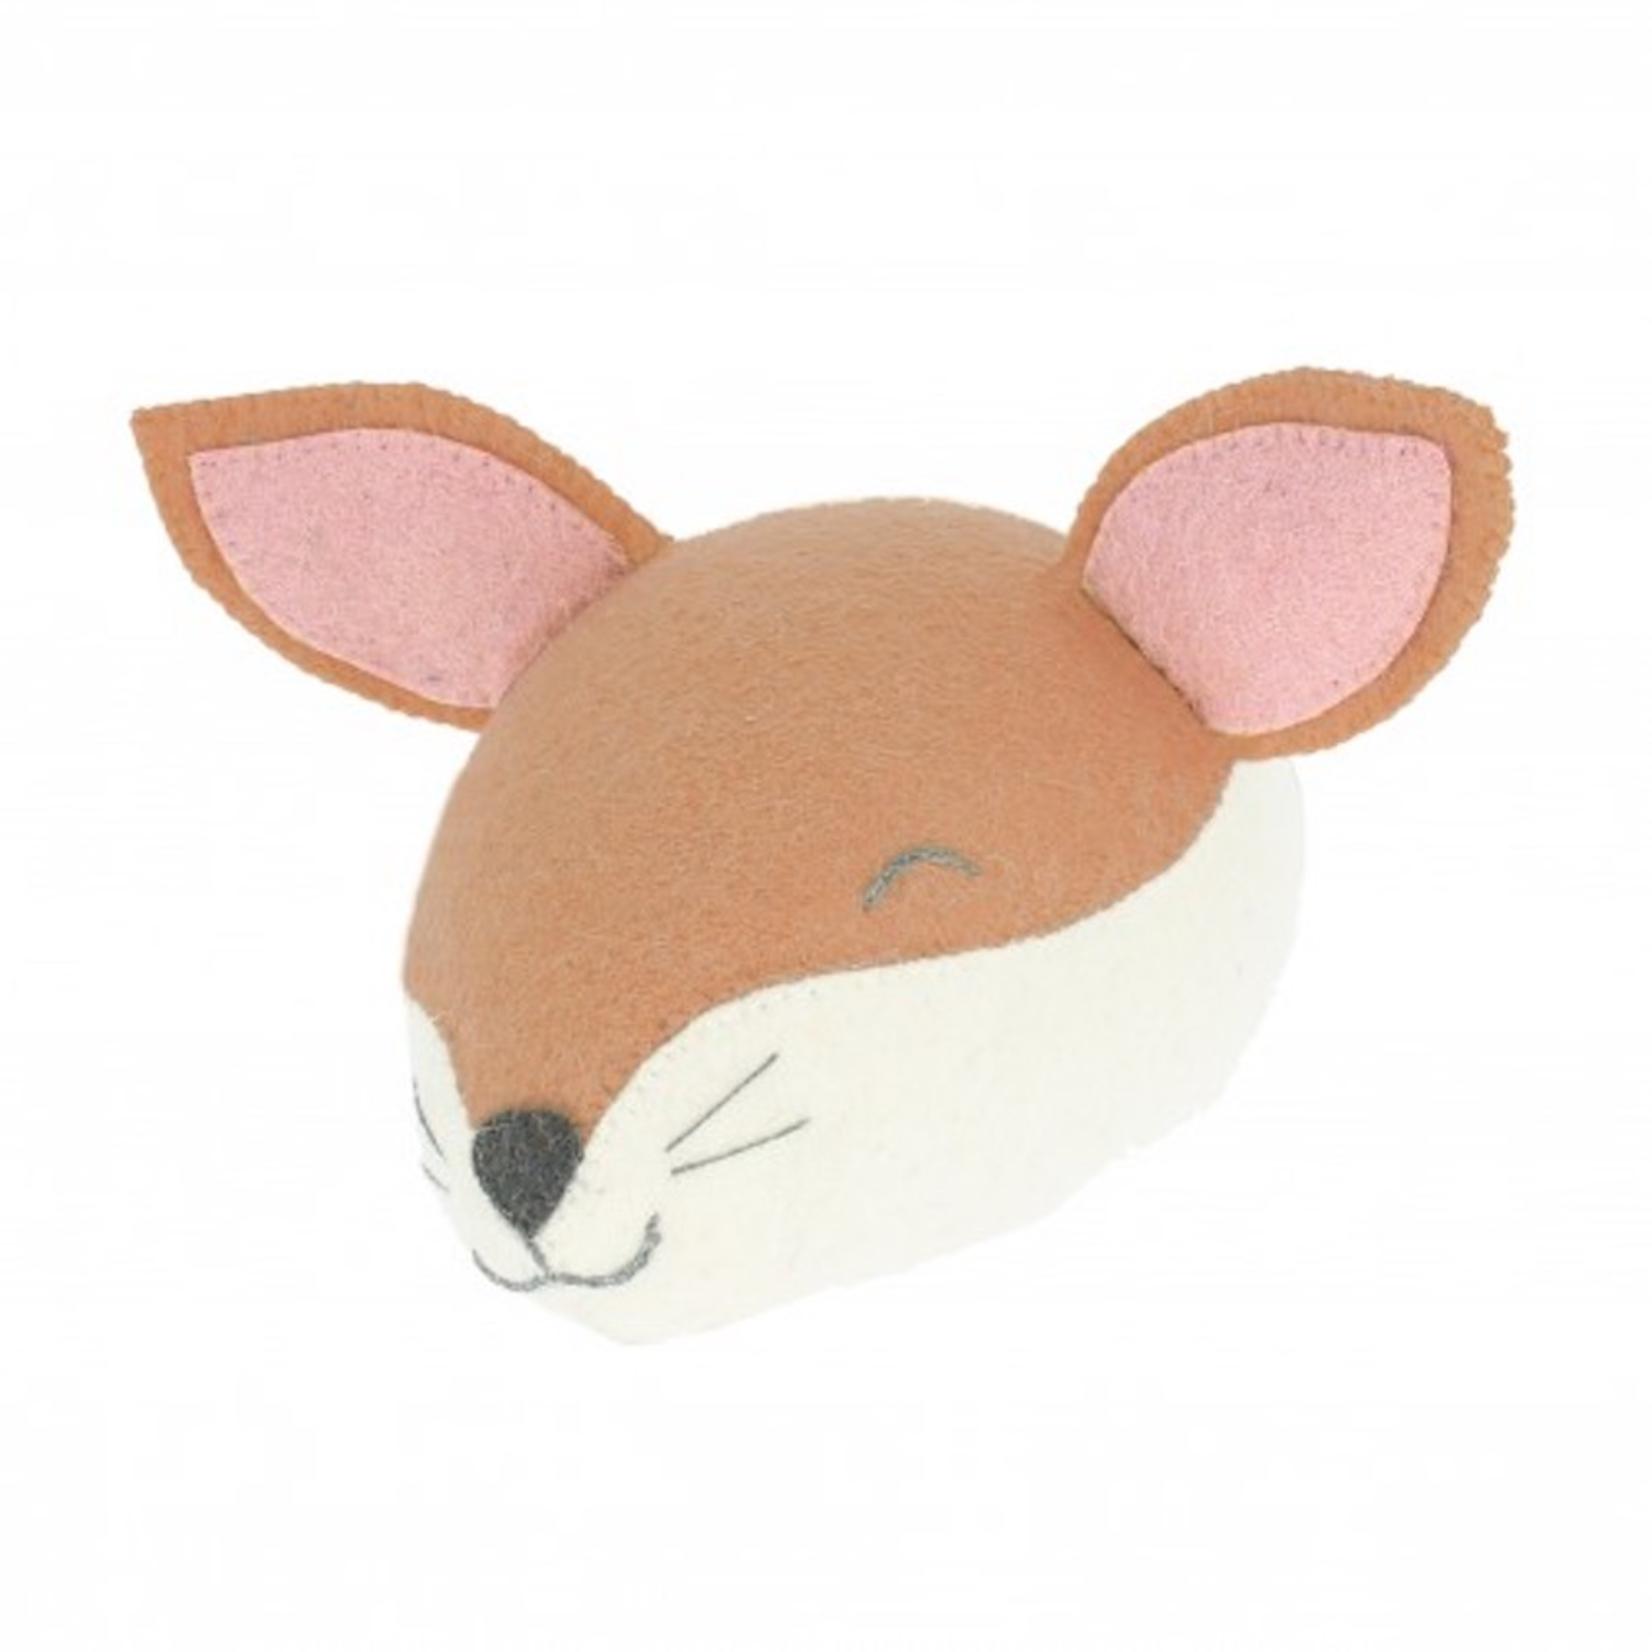 Fiona Walker Fiona Walker Mini Sleepy Fox Head